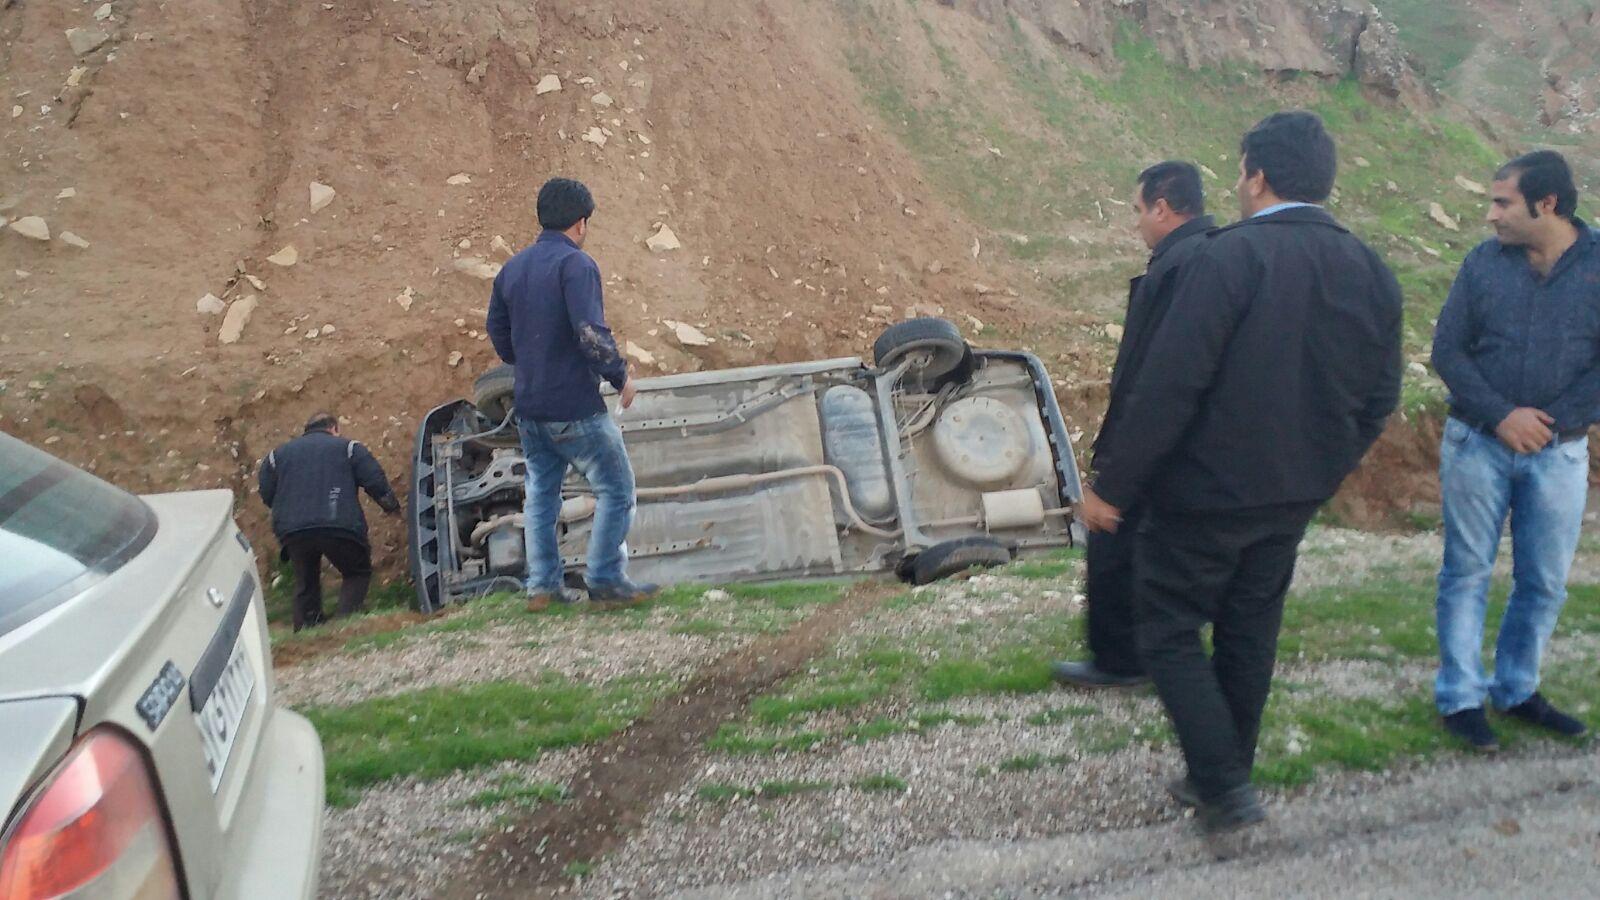 واژگونی خودروی پراید در محور گلگیر-مسجدسلیمان حادثه ساز شد + تصاویر